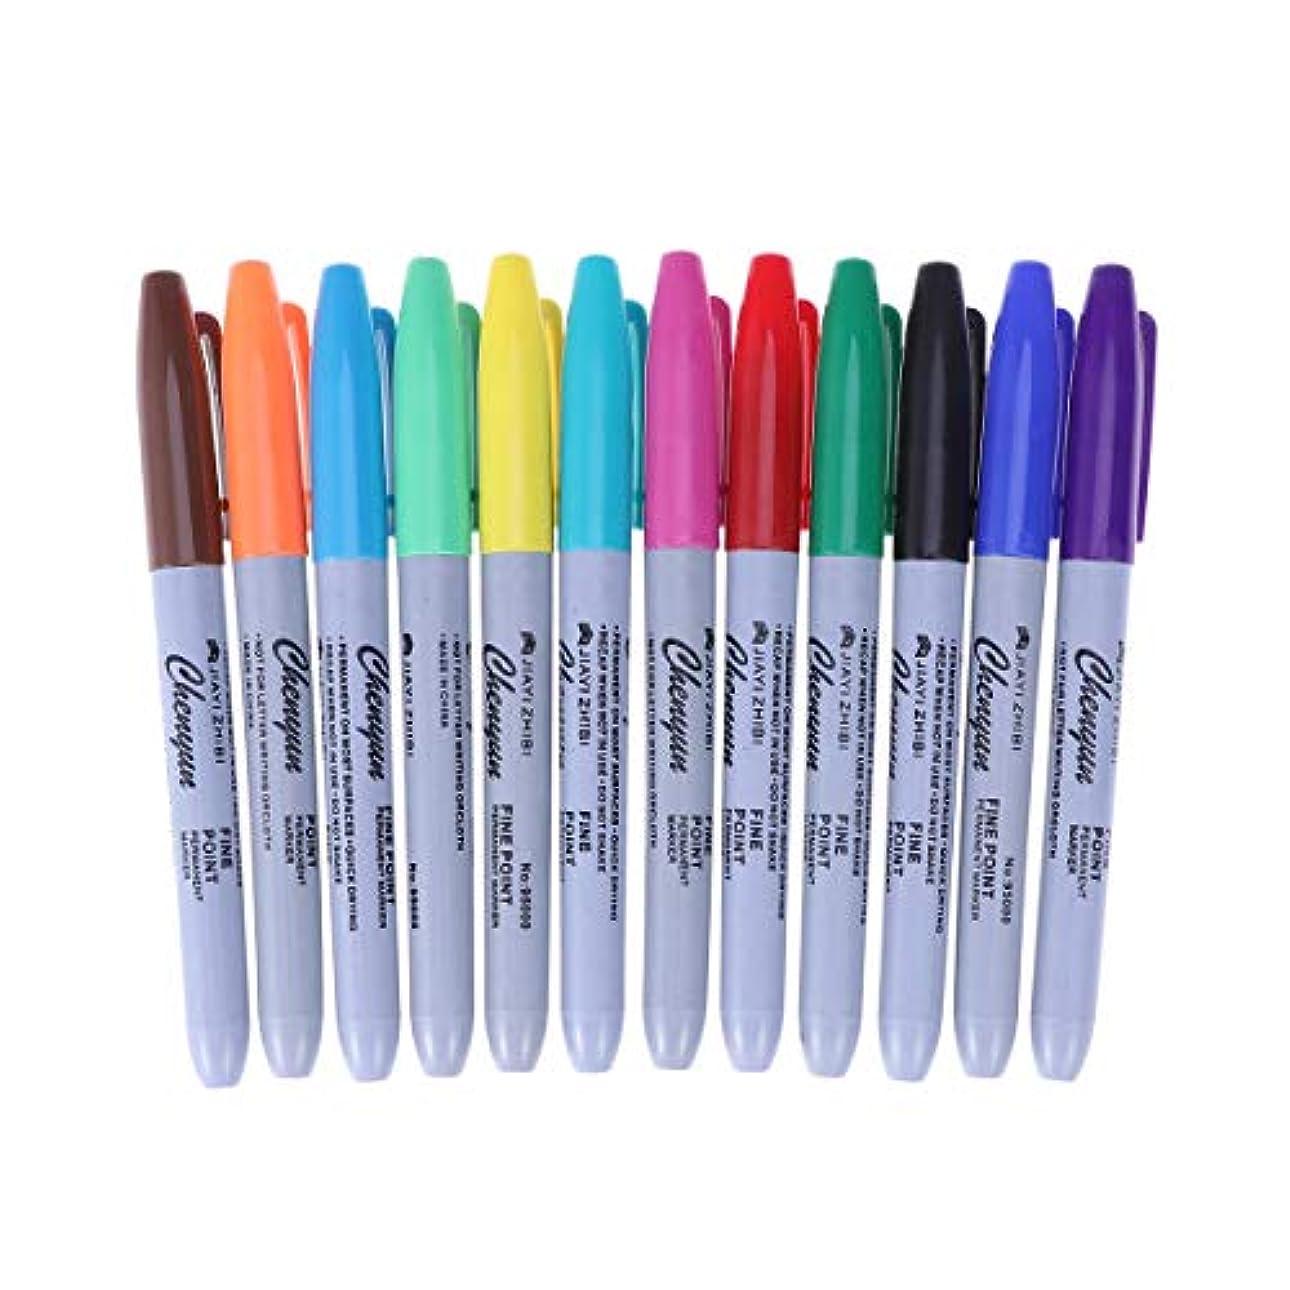 概してテニス良心Healifty タトゥーペン防水高品質マーカーペン12色スキンマーカーペンスクライブツールタトゥー用品24ピース